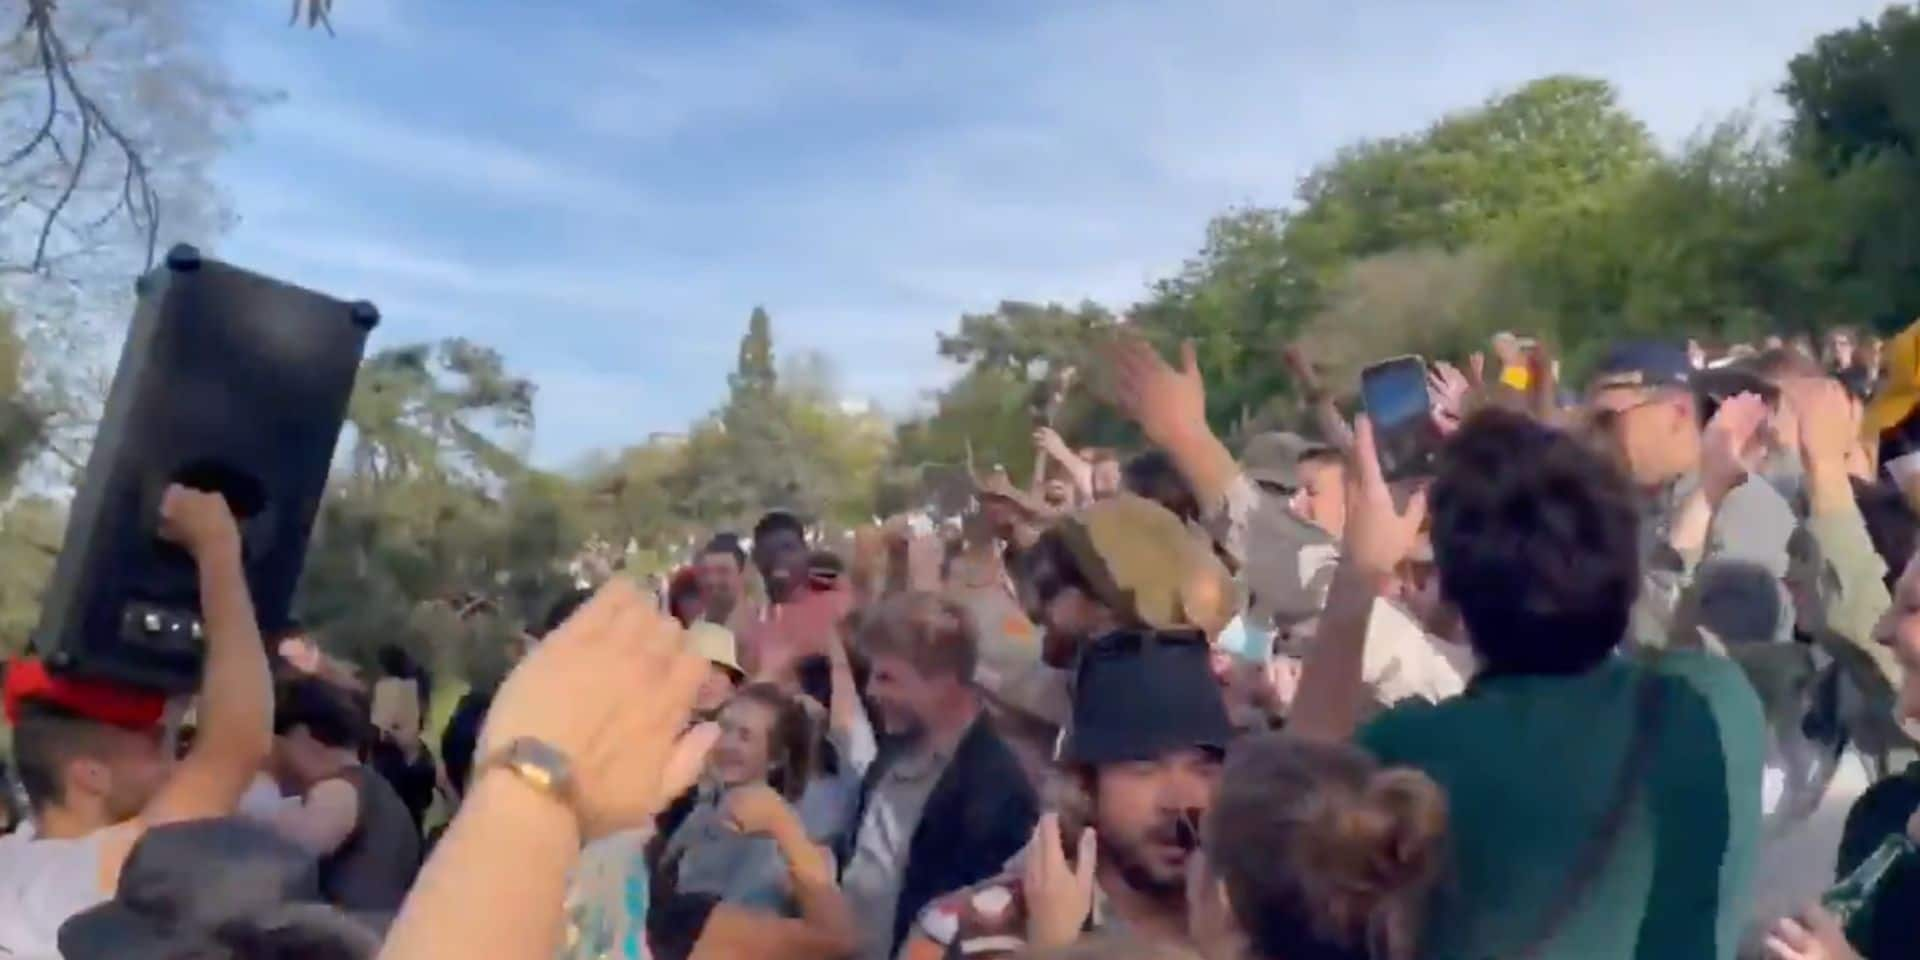 À Paris, un simple anniversaire se transforme en fête sauvage de plus de 300 personnes